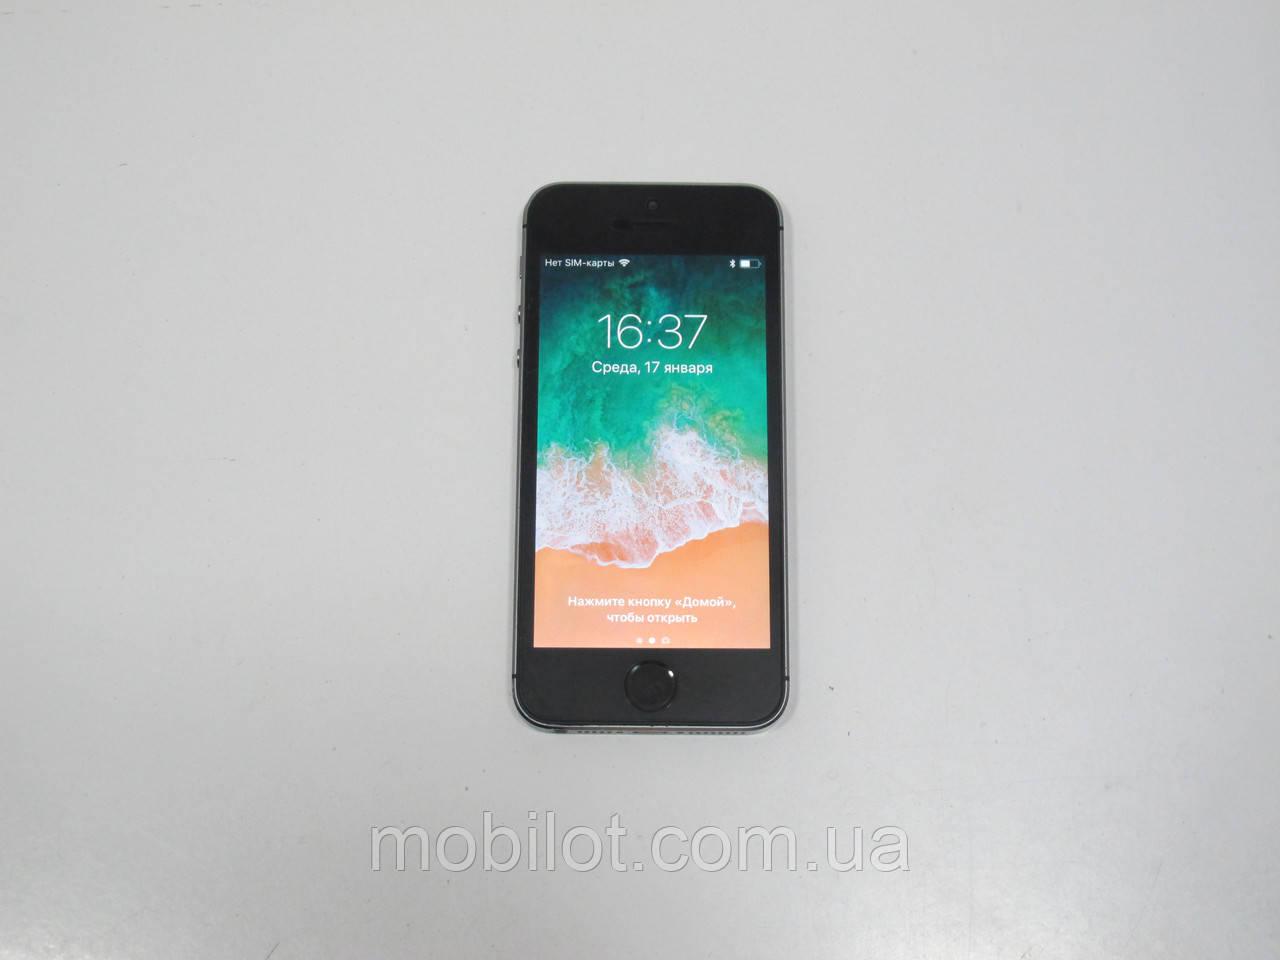 Мобильный телефон iPhone 5s 16GB (TZ-5353)